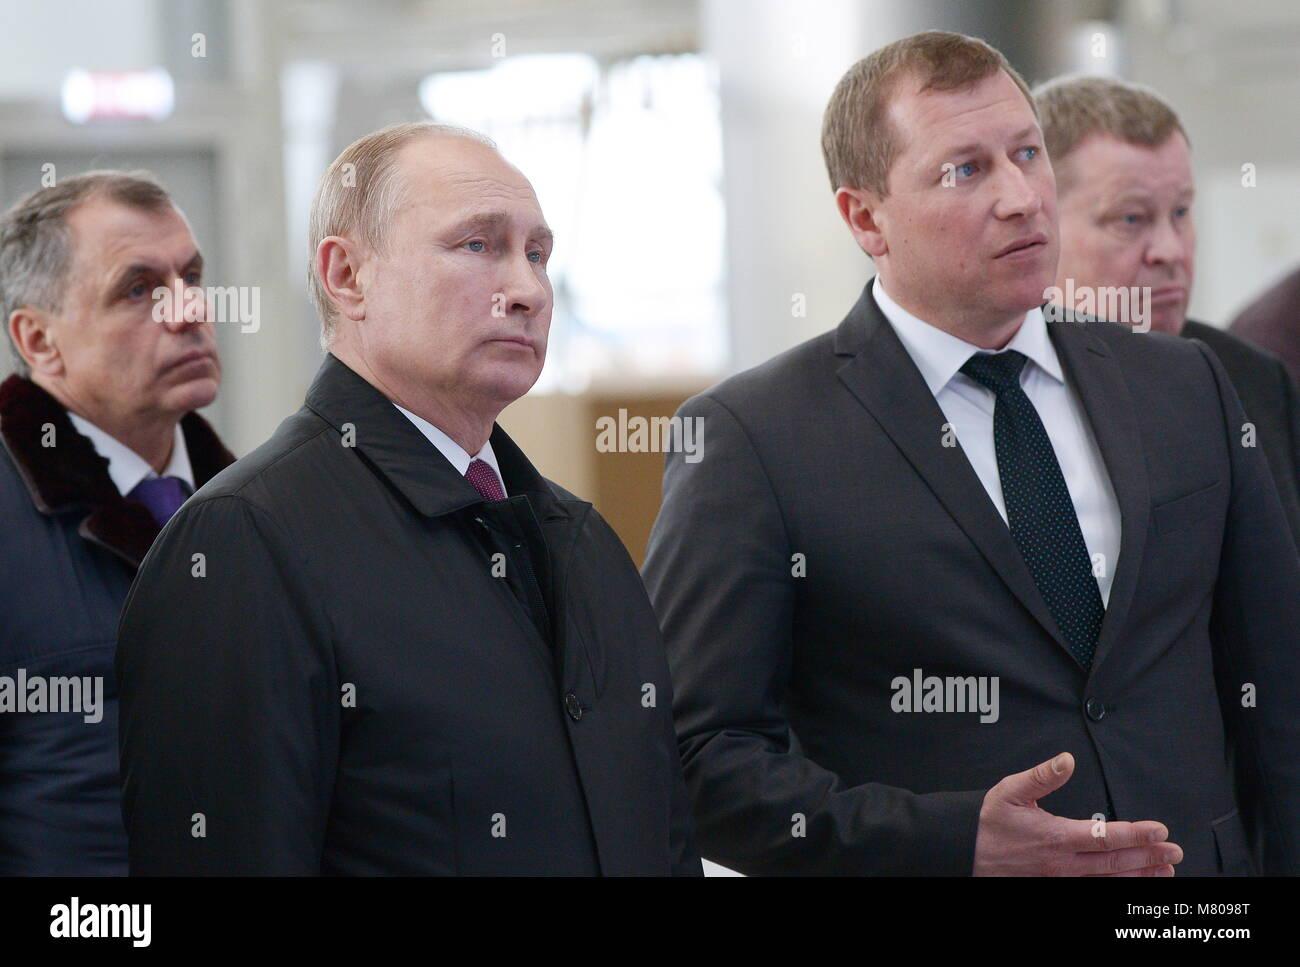 Simferopol, Russia. 14th Mar, 2018. SIMFEROPOL, CRIMEA, RUSSIA - MARCH 14, 2018: Crimea's State Council Chairman - Stock Image